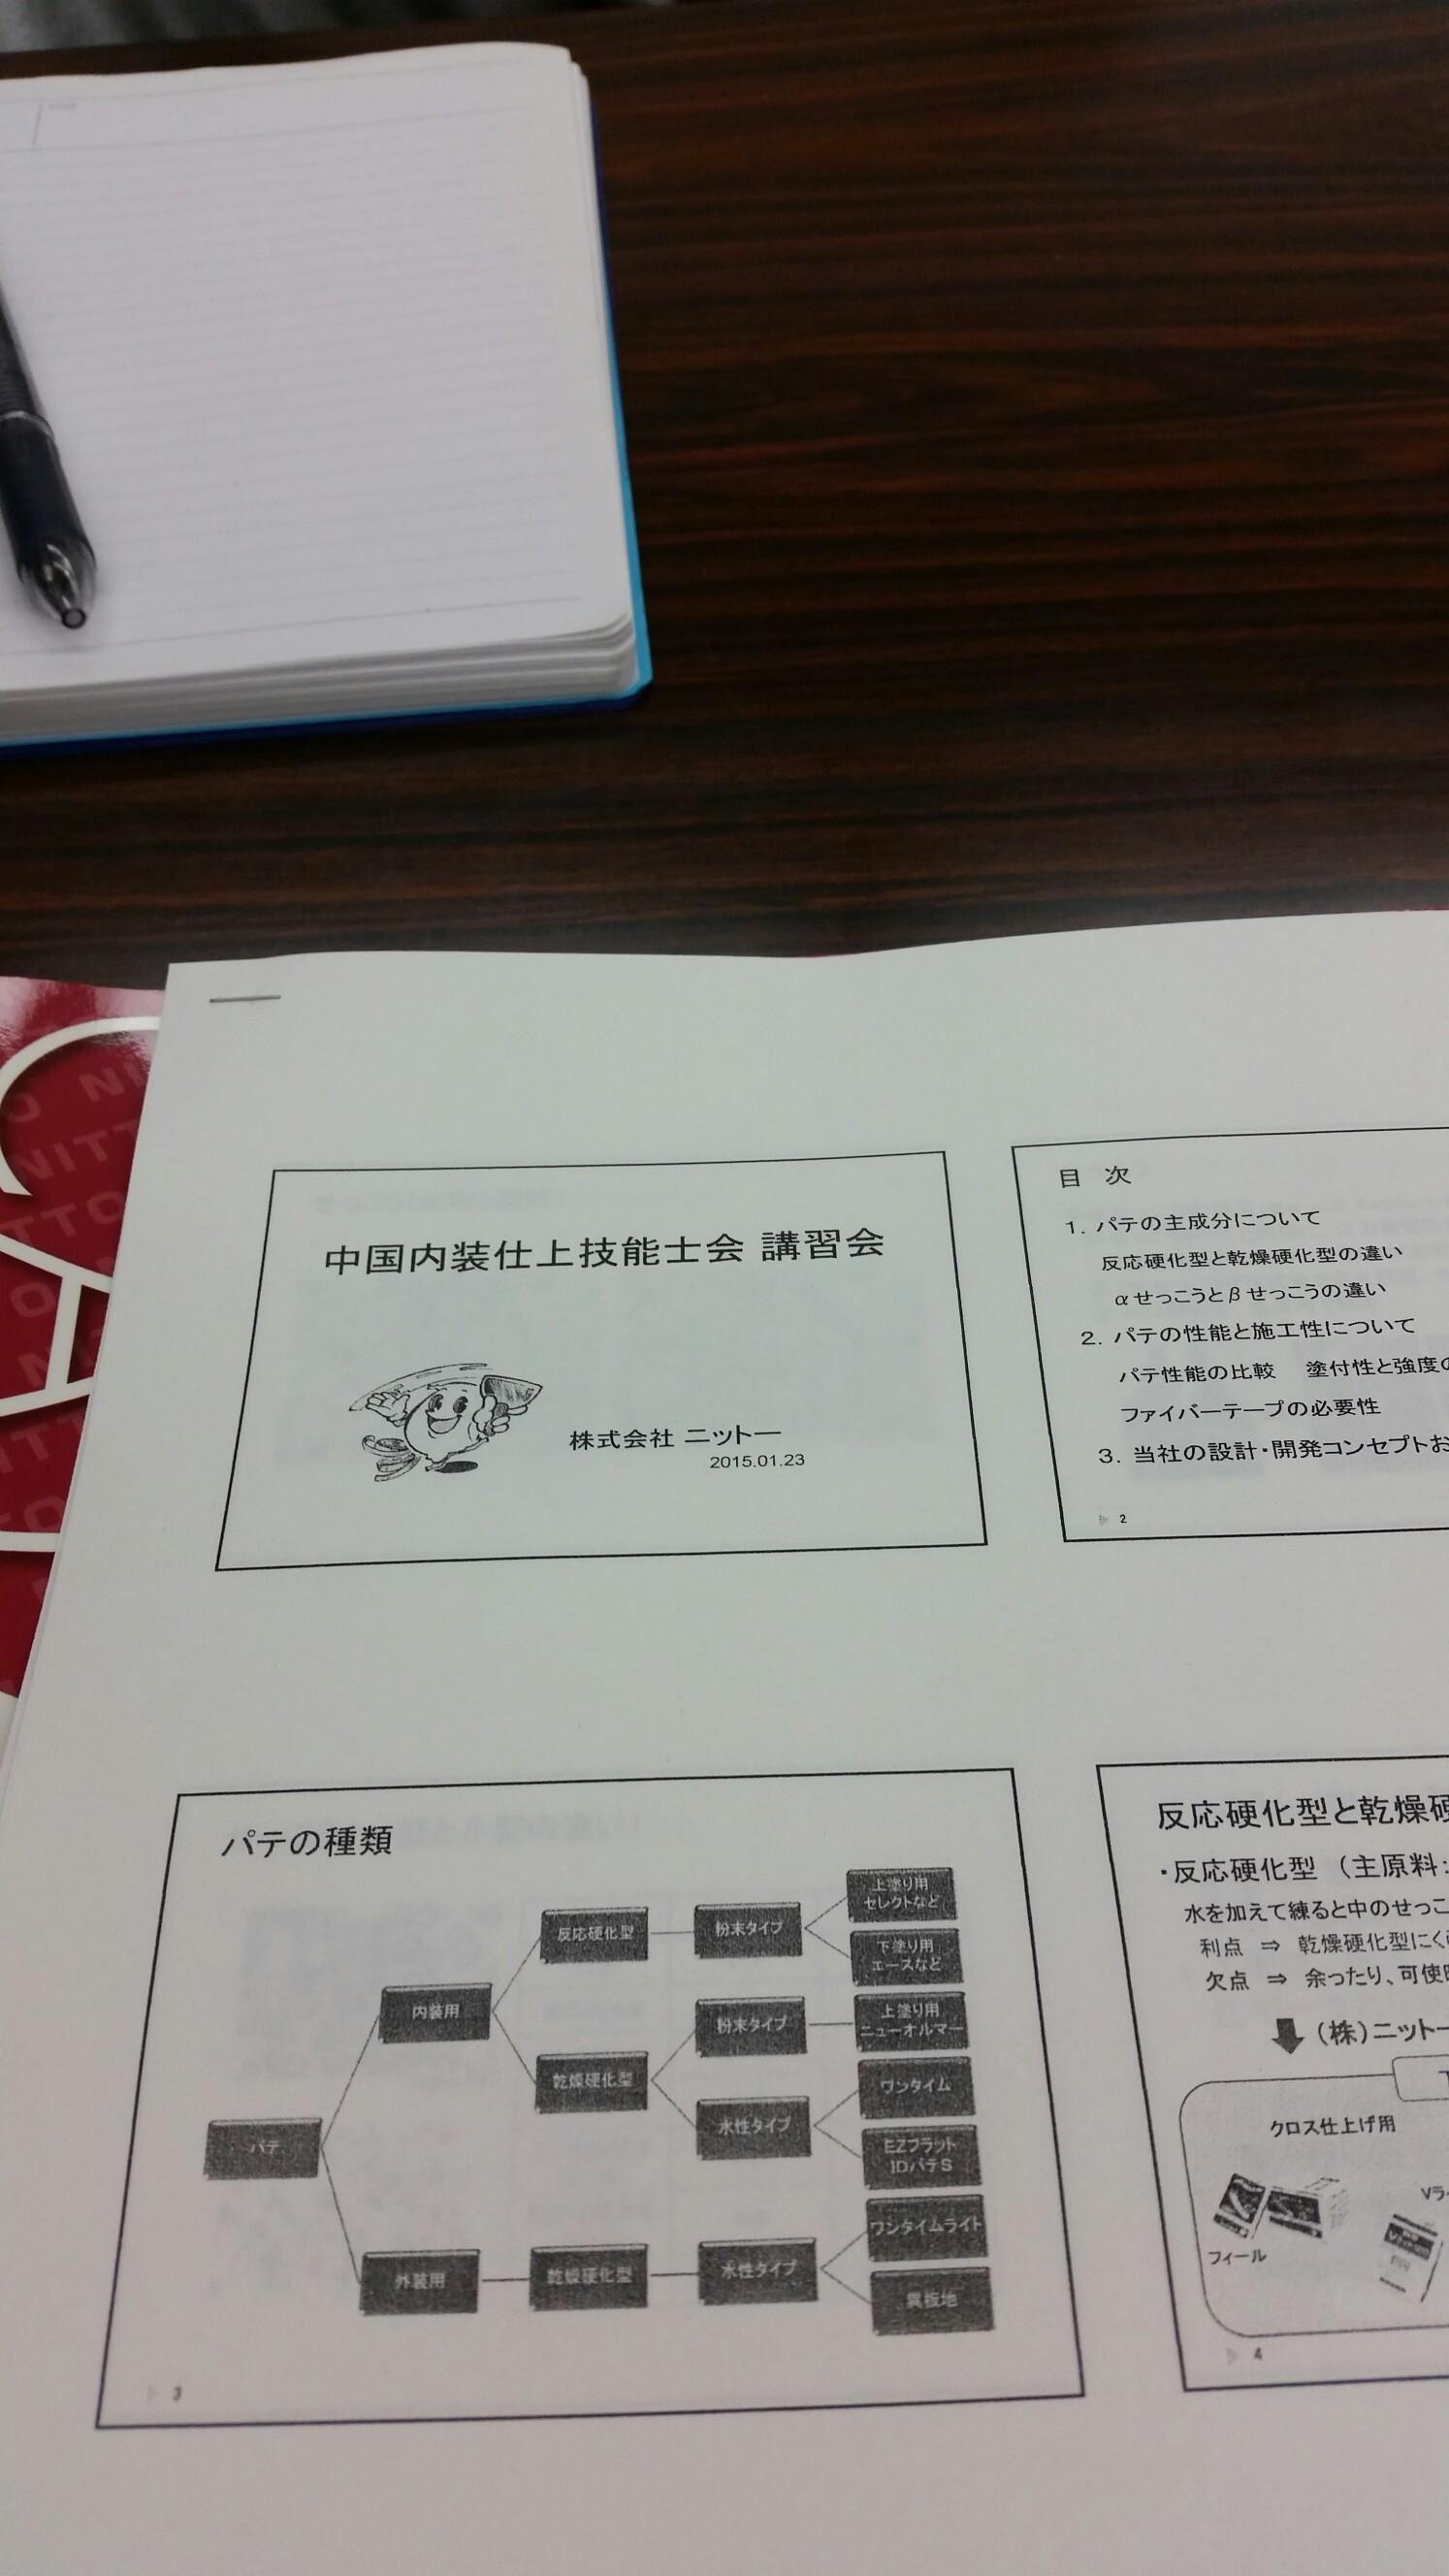 岡山の壁紙張替え職人 インテリアすずま 広島で勉強会